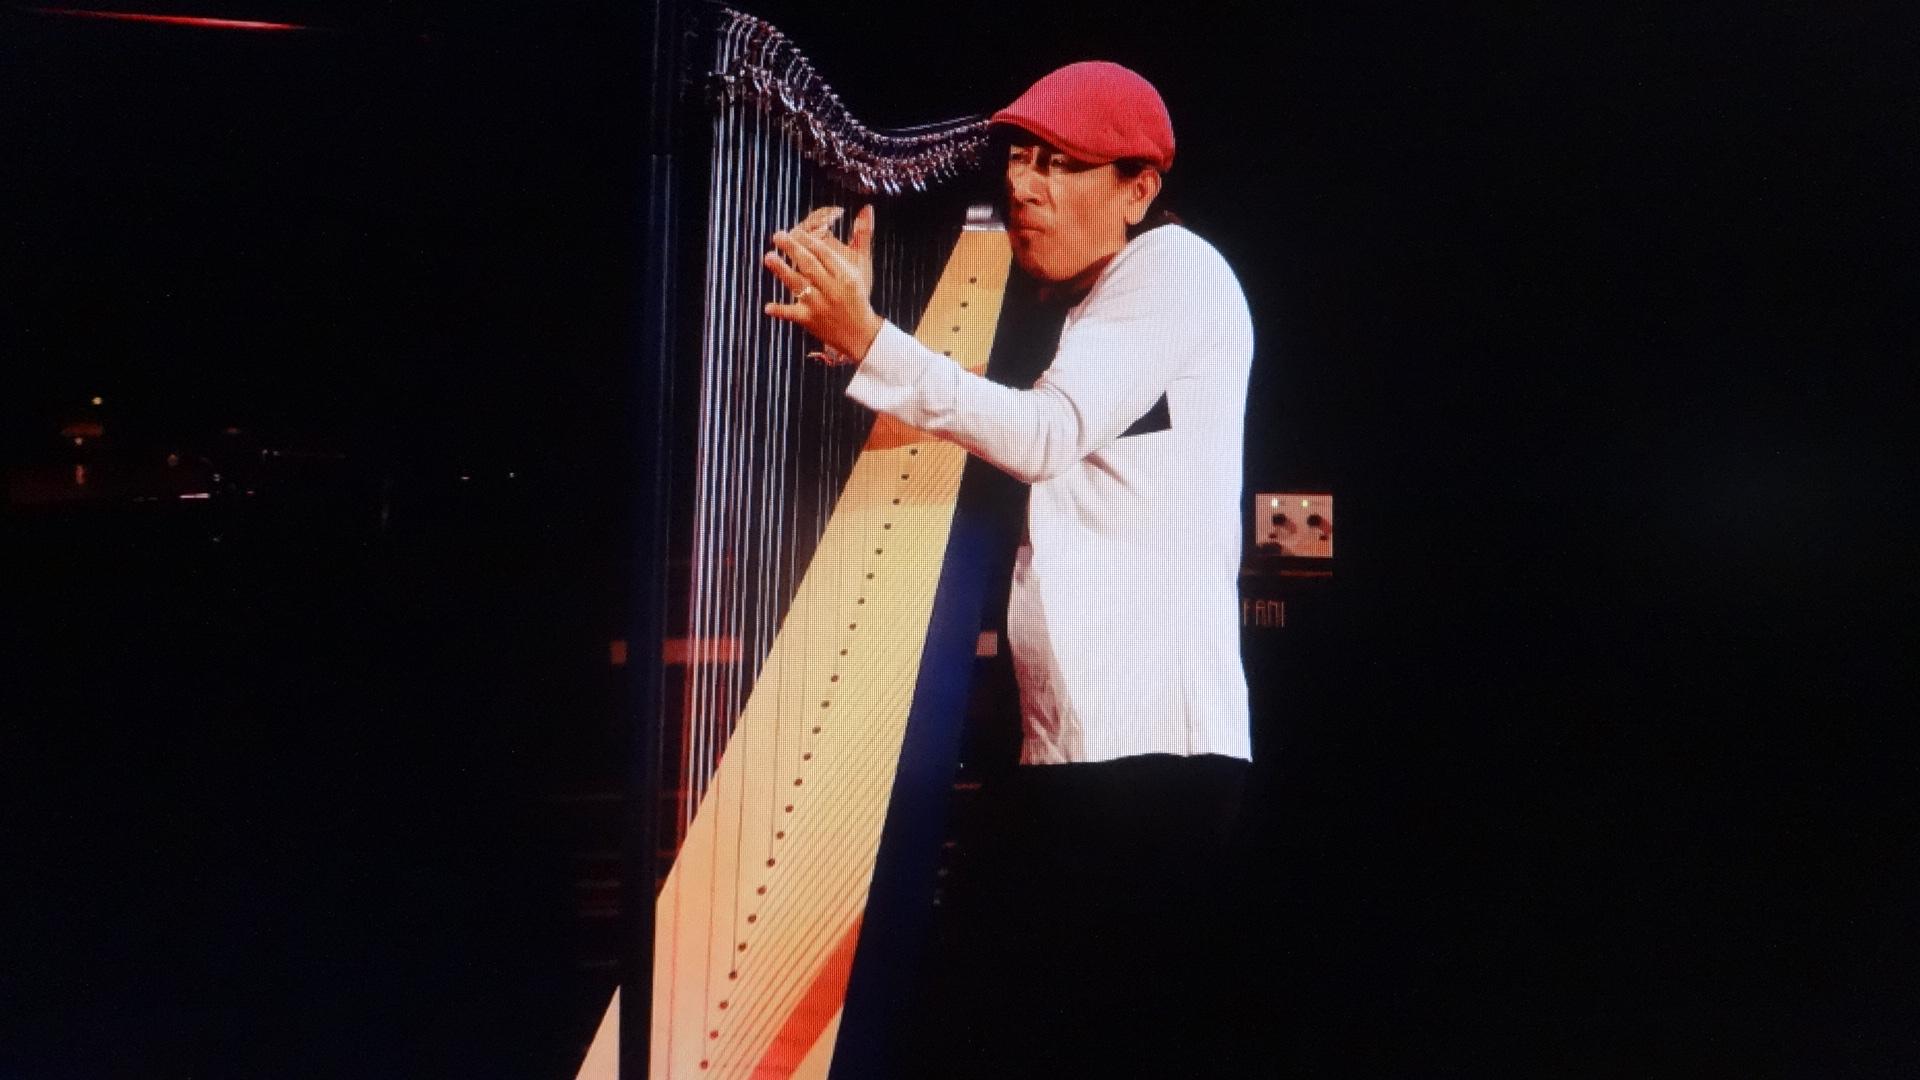 ハープ全体を抱きかかえるように演奏するEDMAR